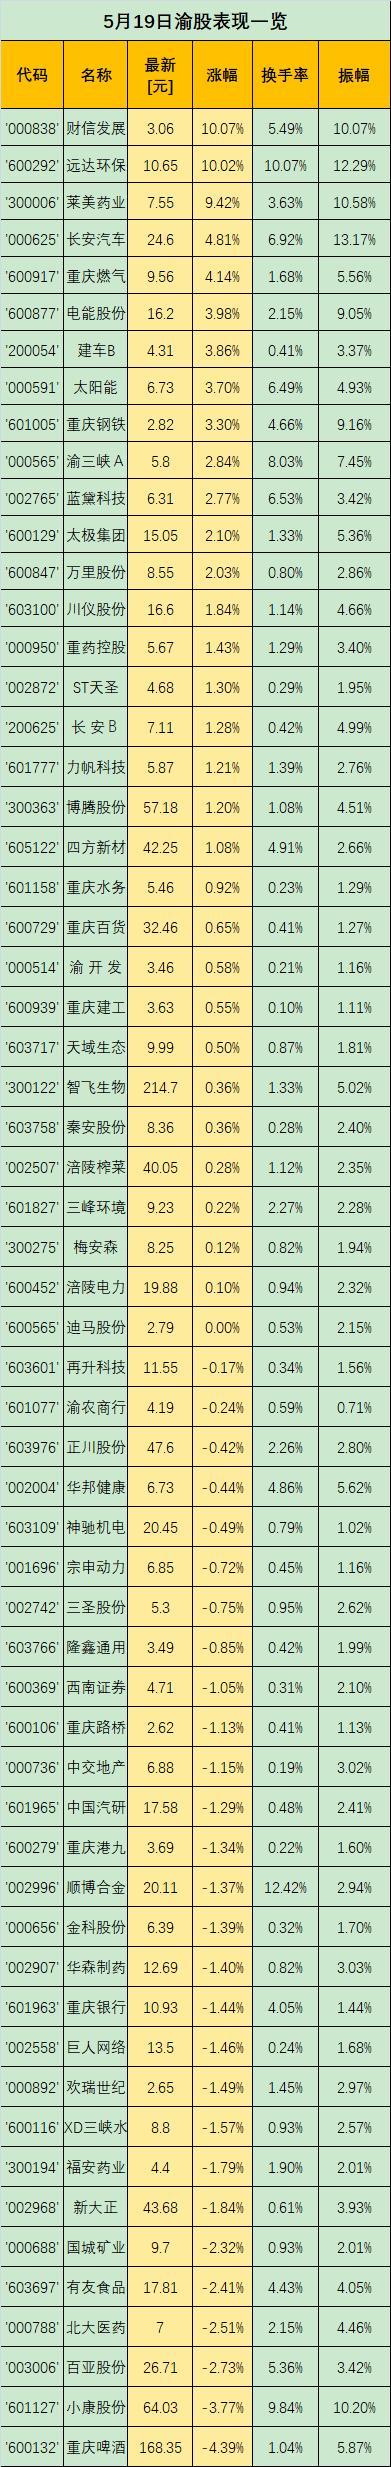 长安汽车股票,渝股点金 | 华龙证券罗涛:新能源汽车阶段强势,长安汽车宽幅震荡